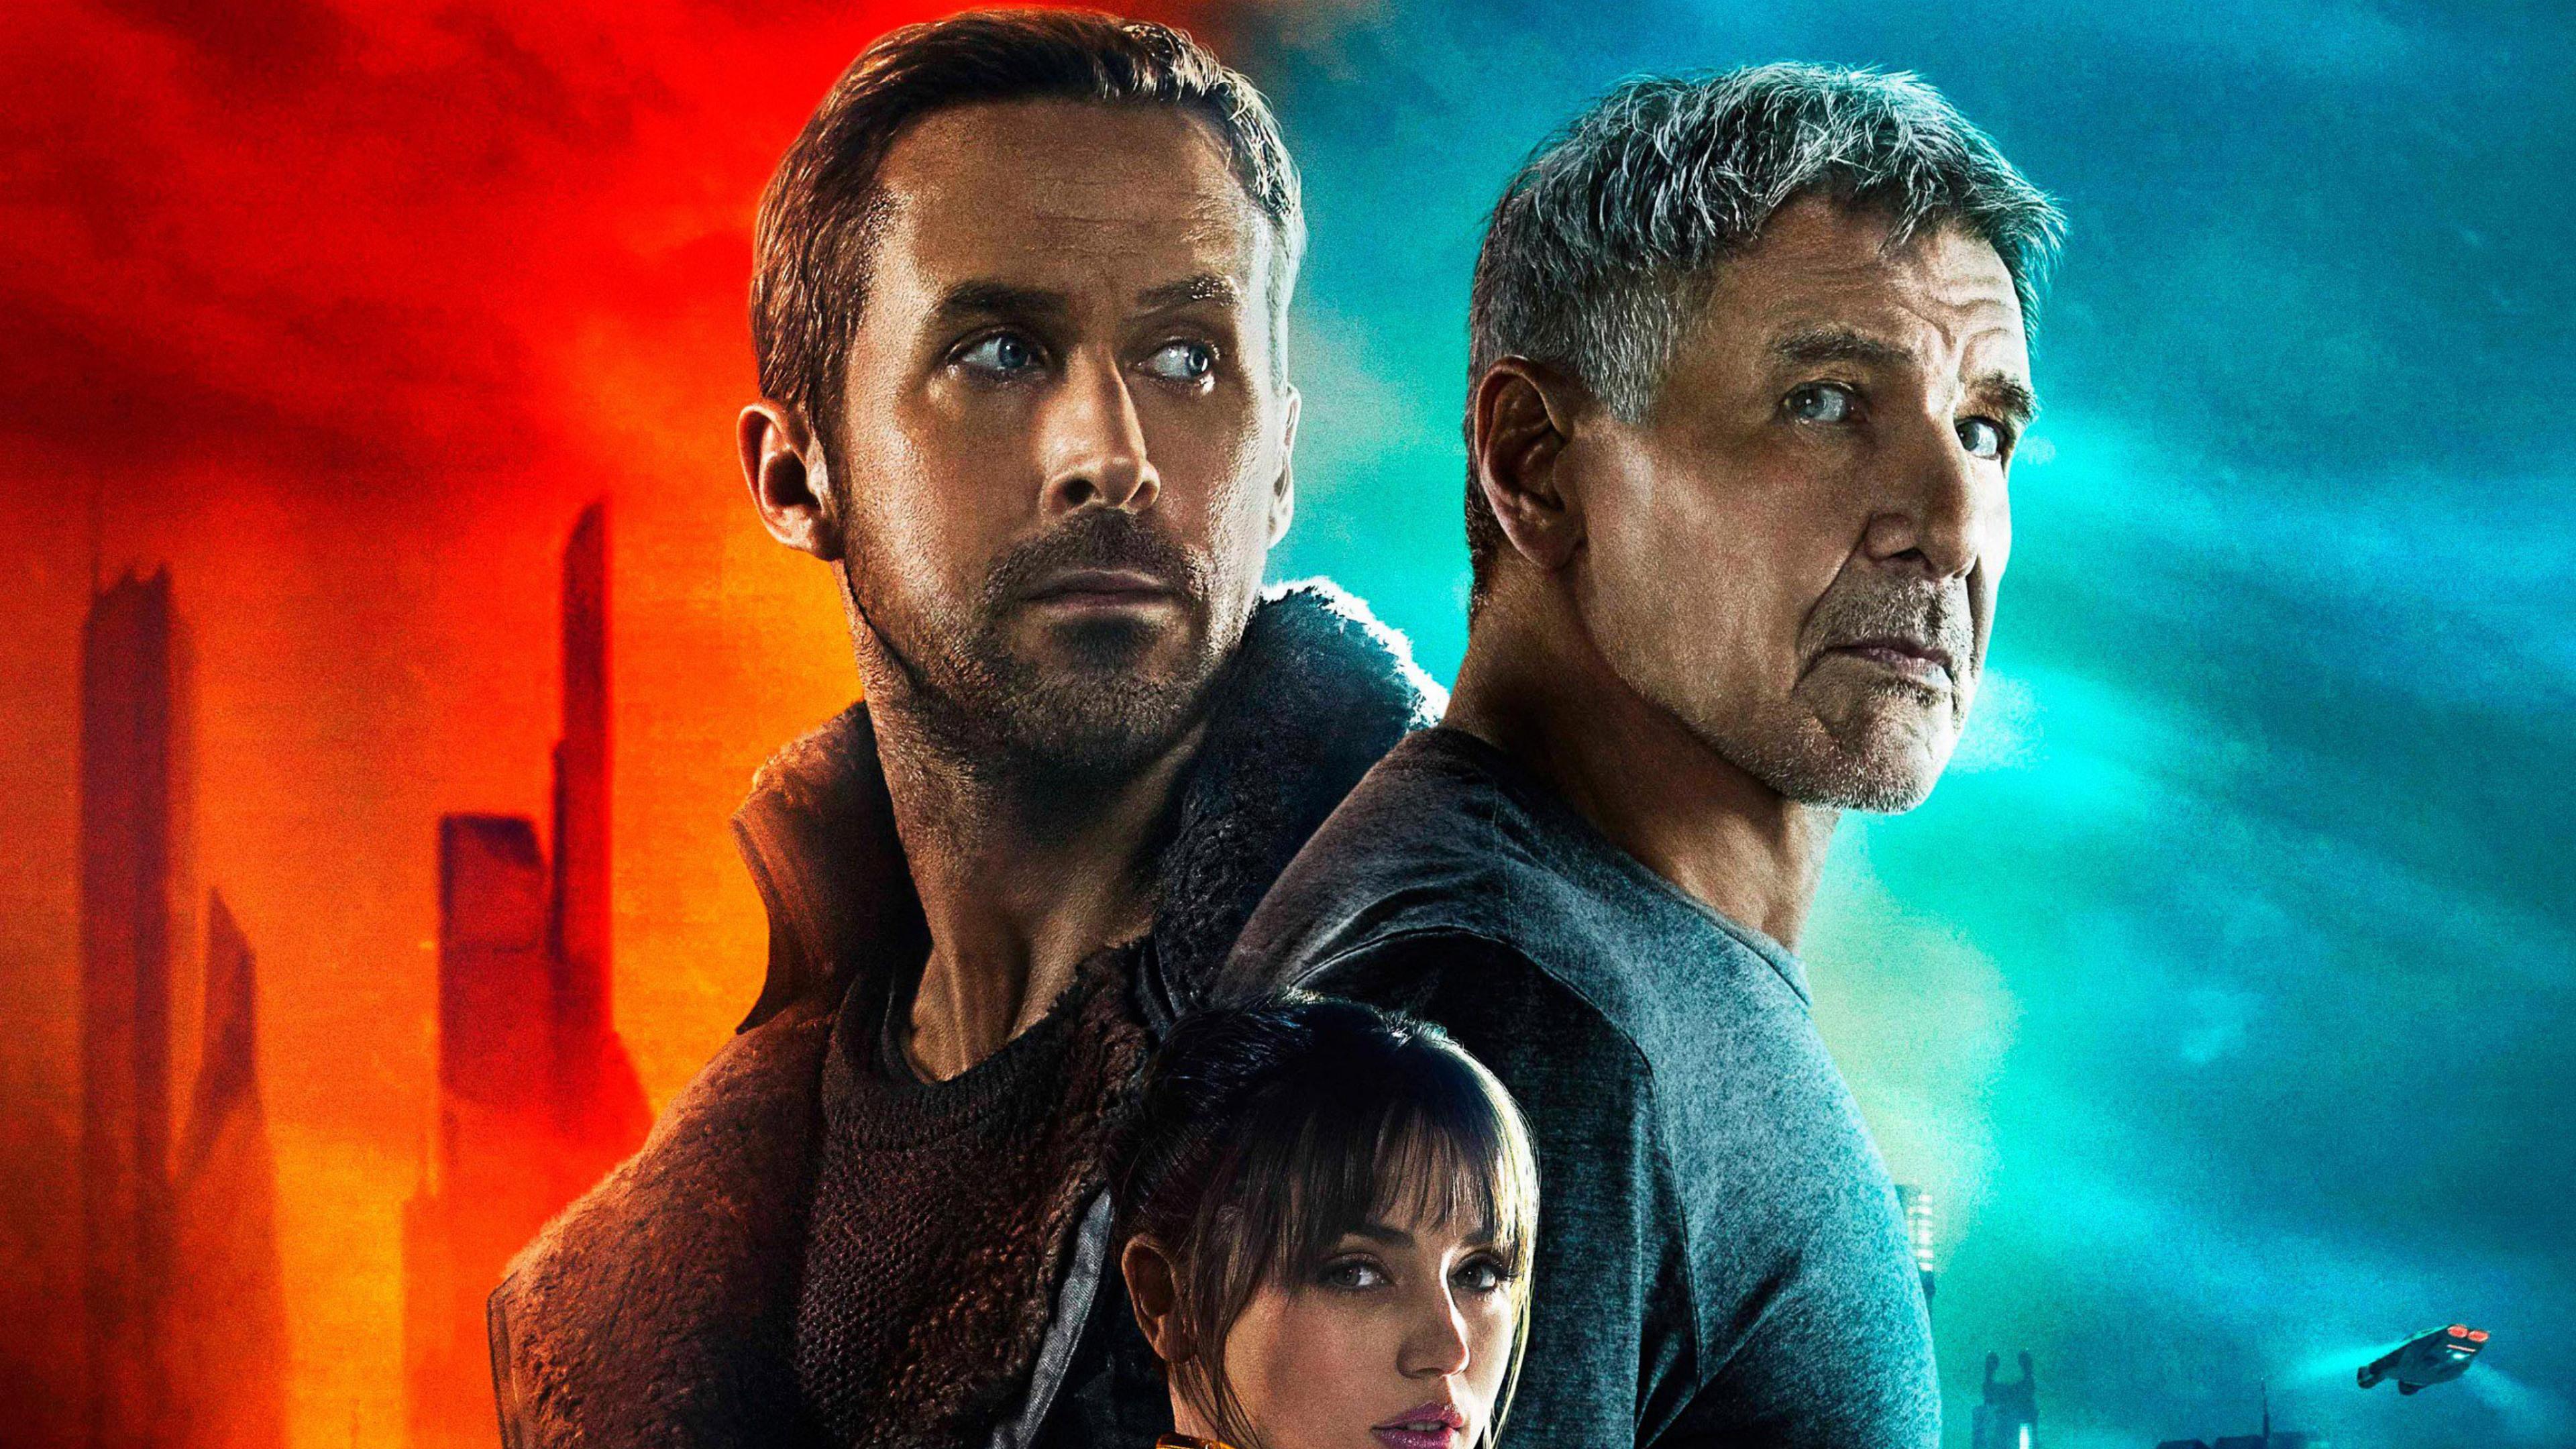 2017-blade-runner-2049-movie-sc.jpg